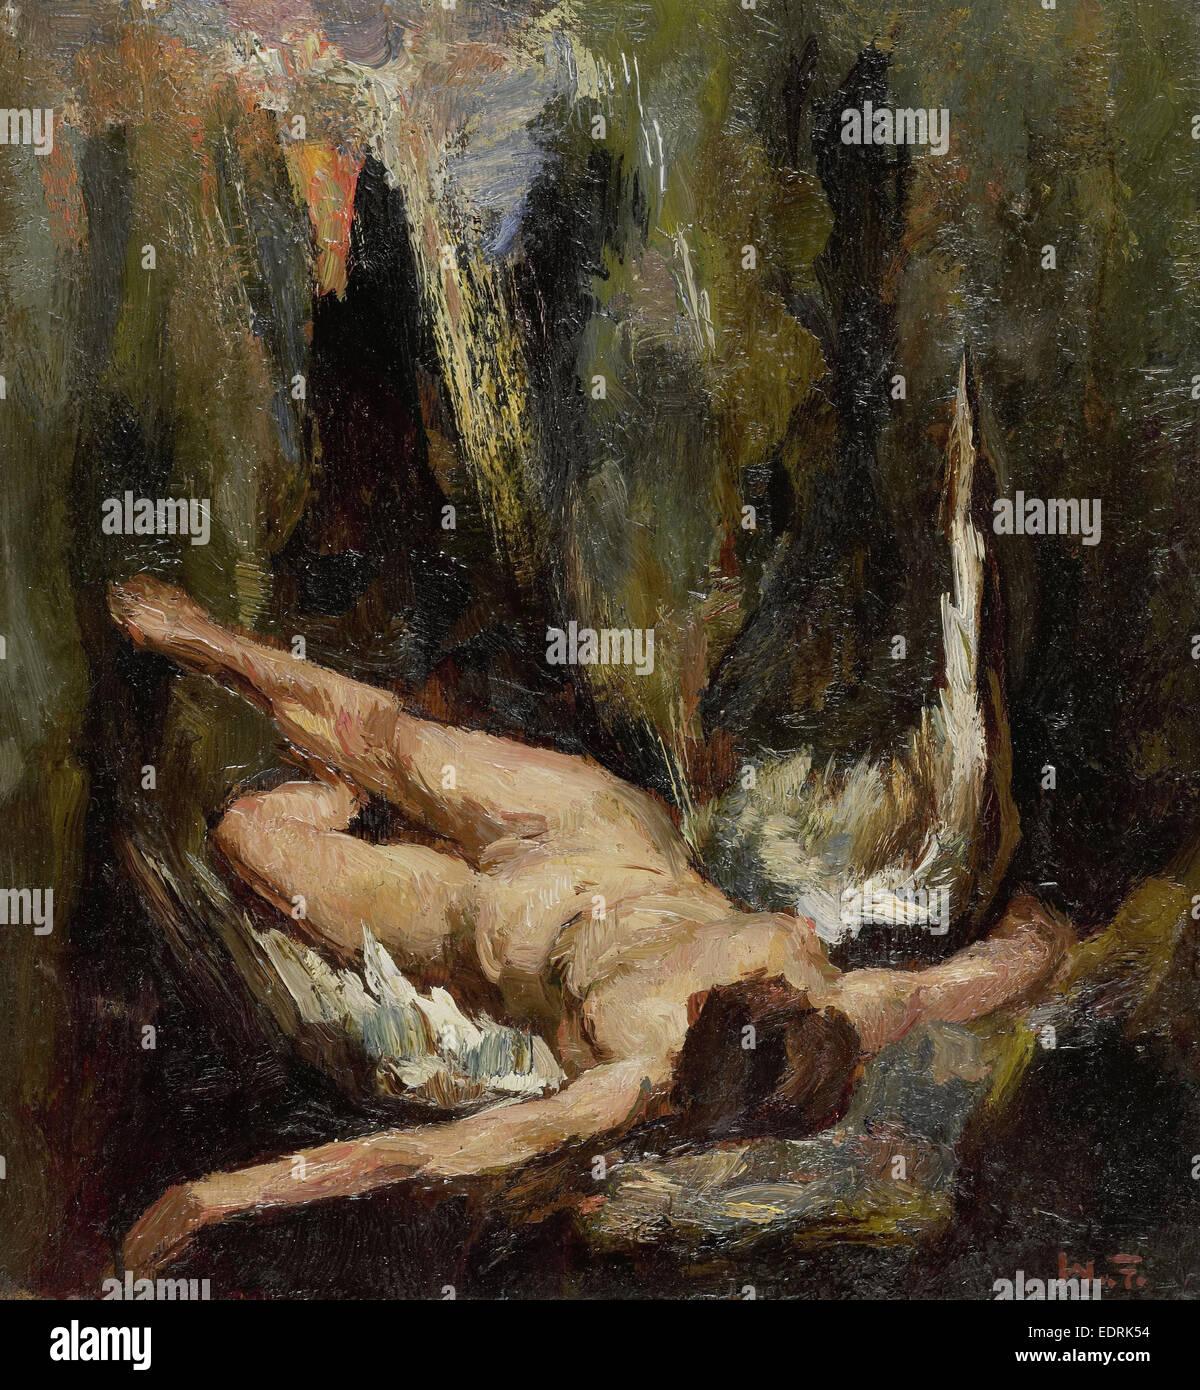 The fallen angel, Willem de Zwart, 1885 - 1931 - Stock Image